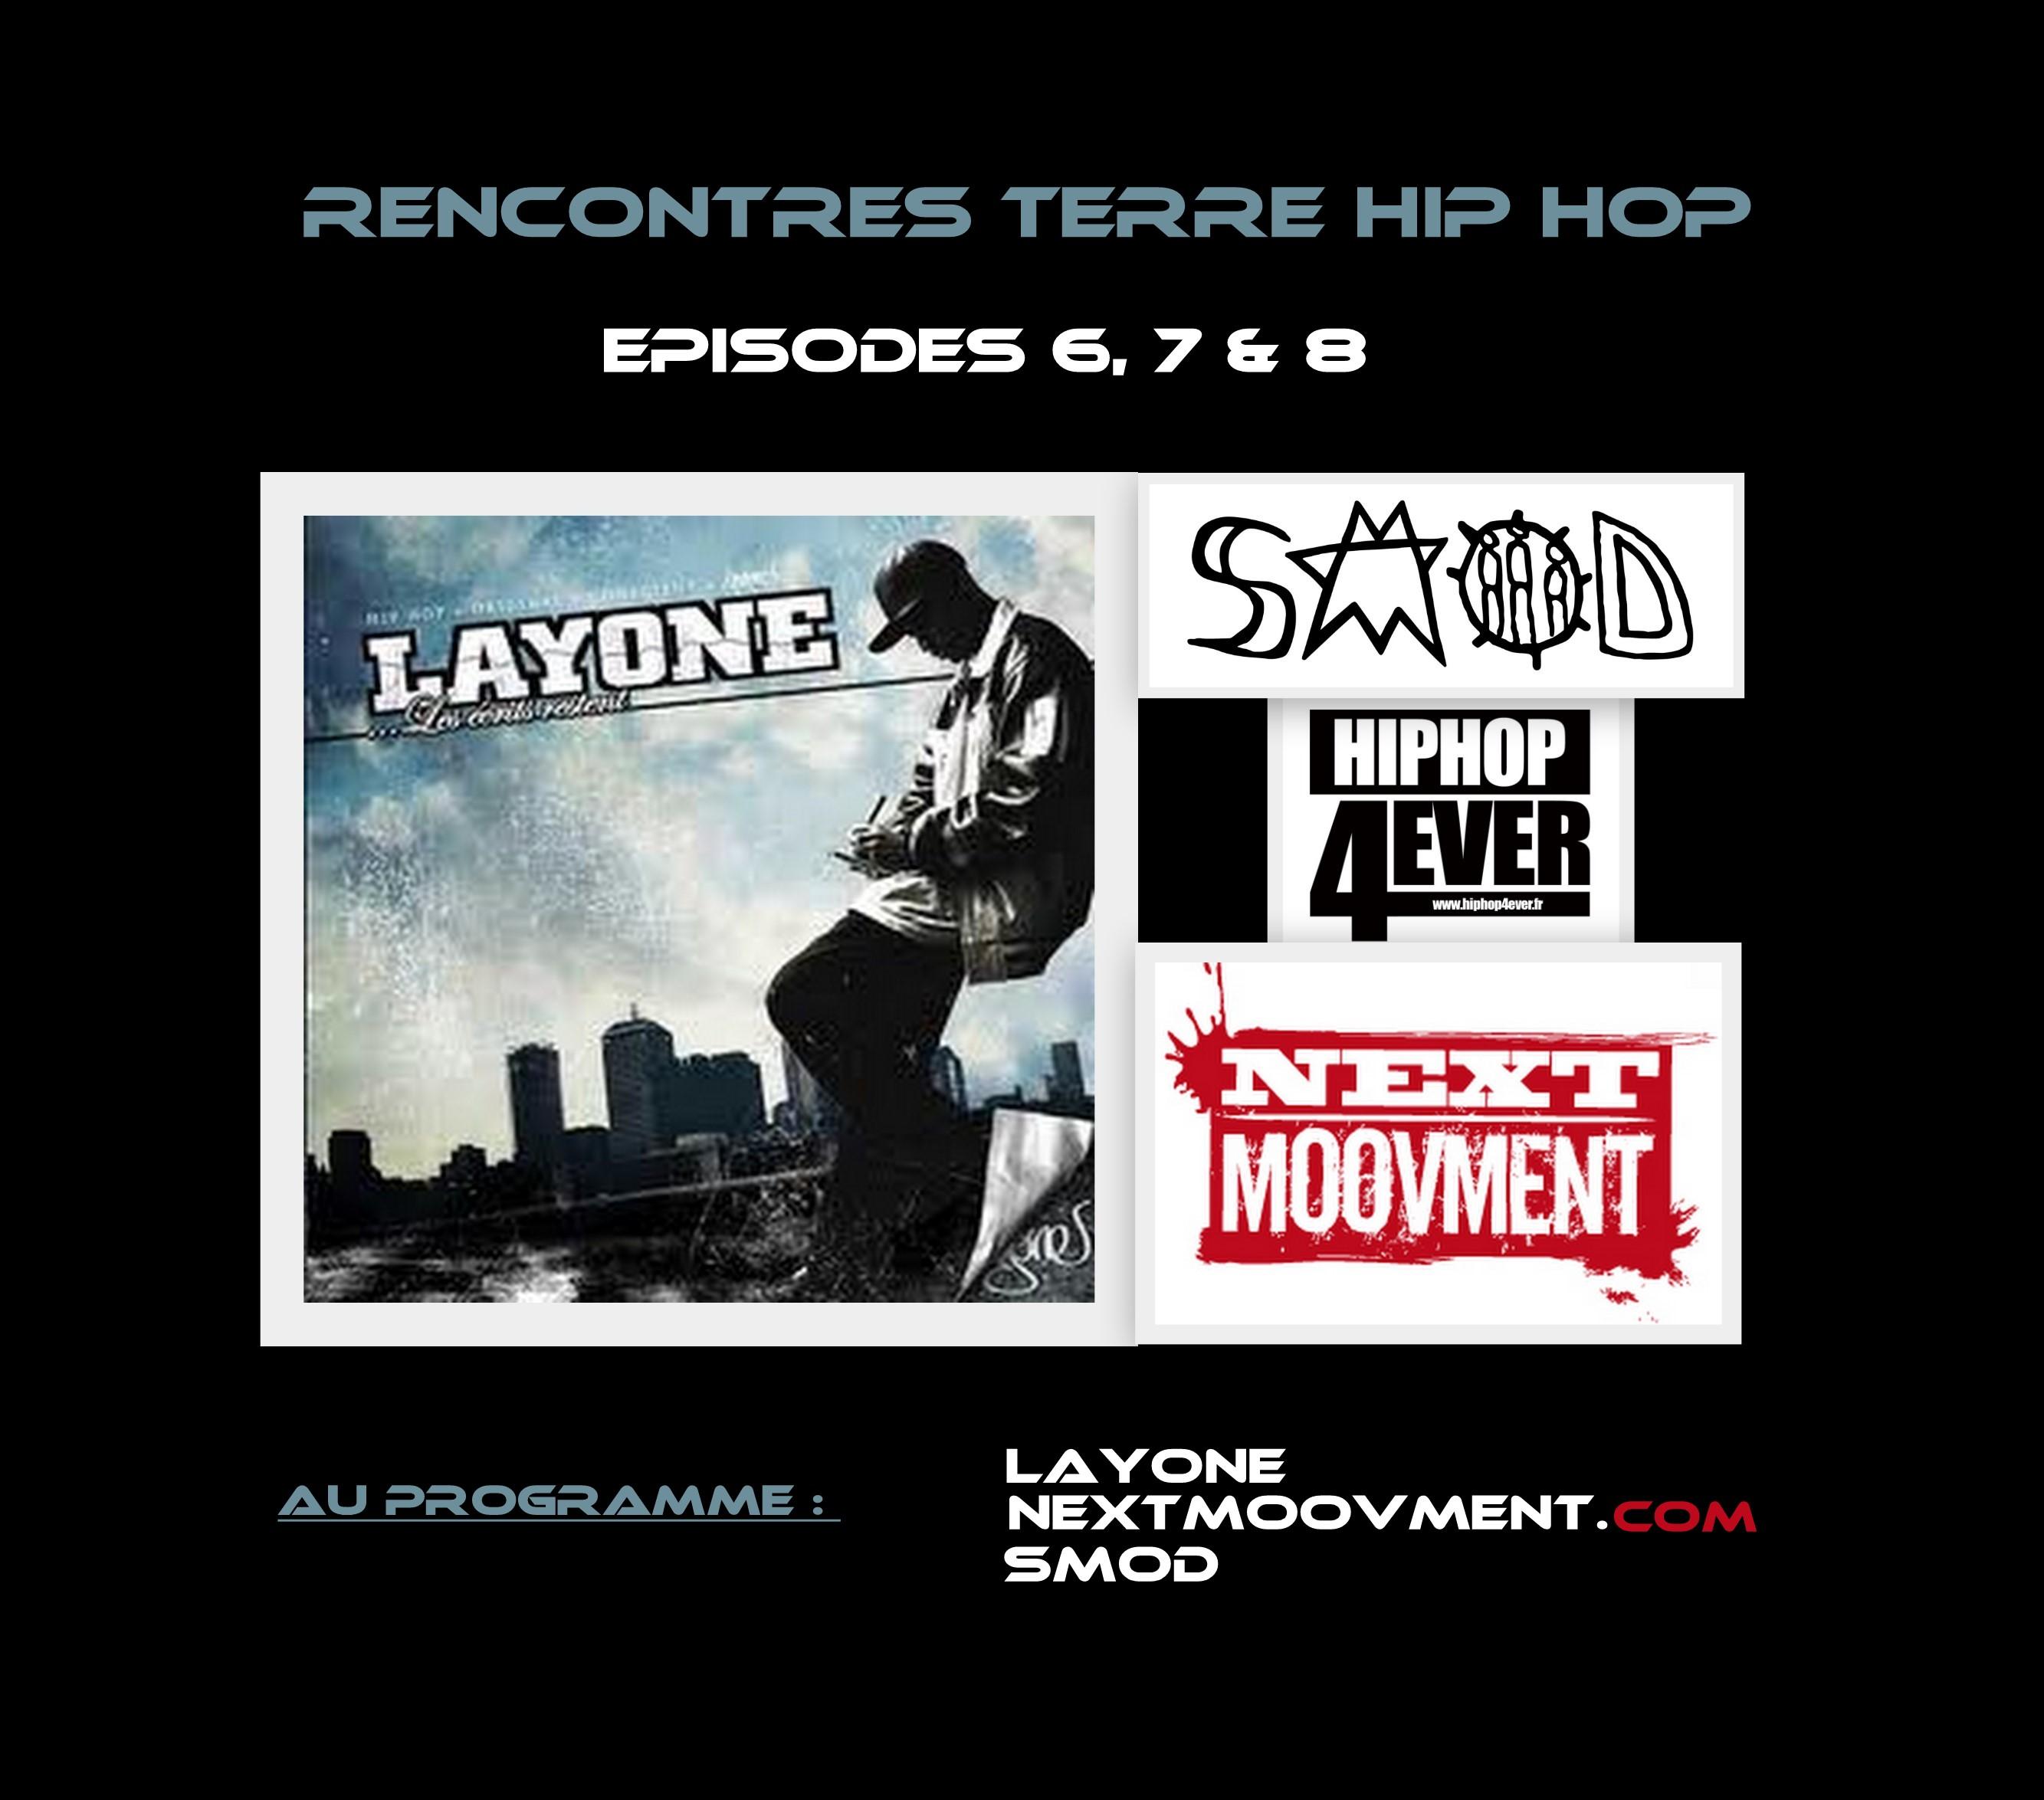 Rencontres hip hop rambouillet 2018